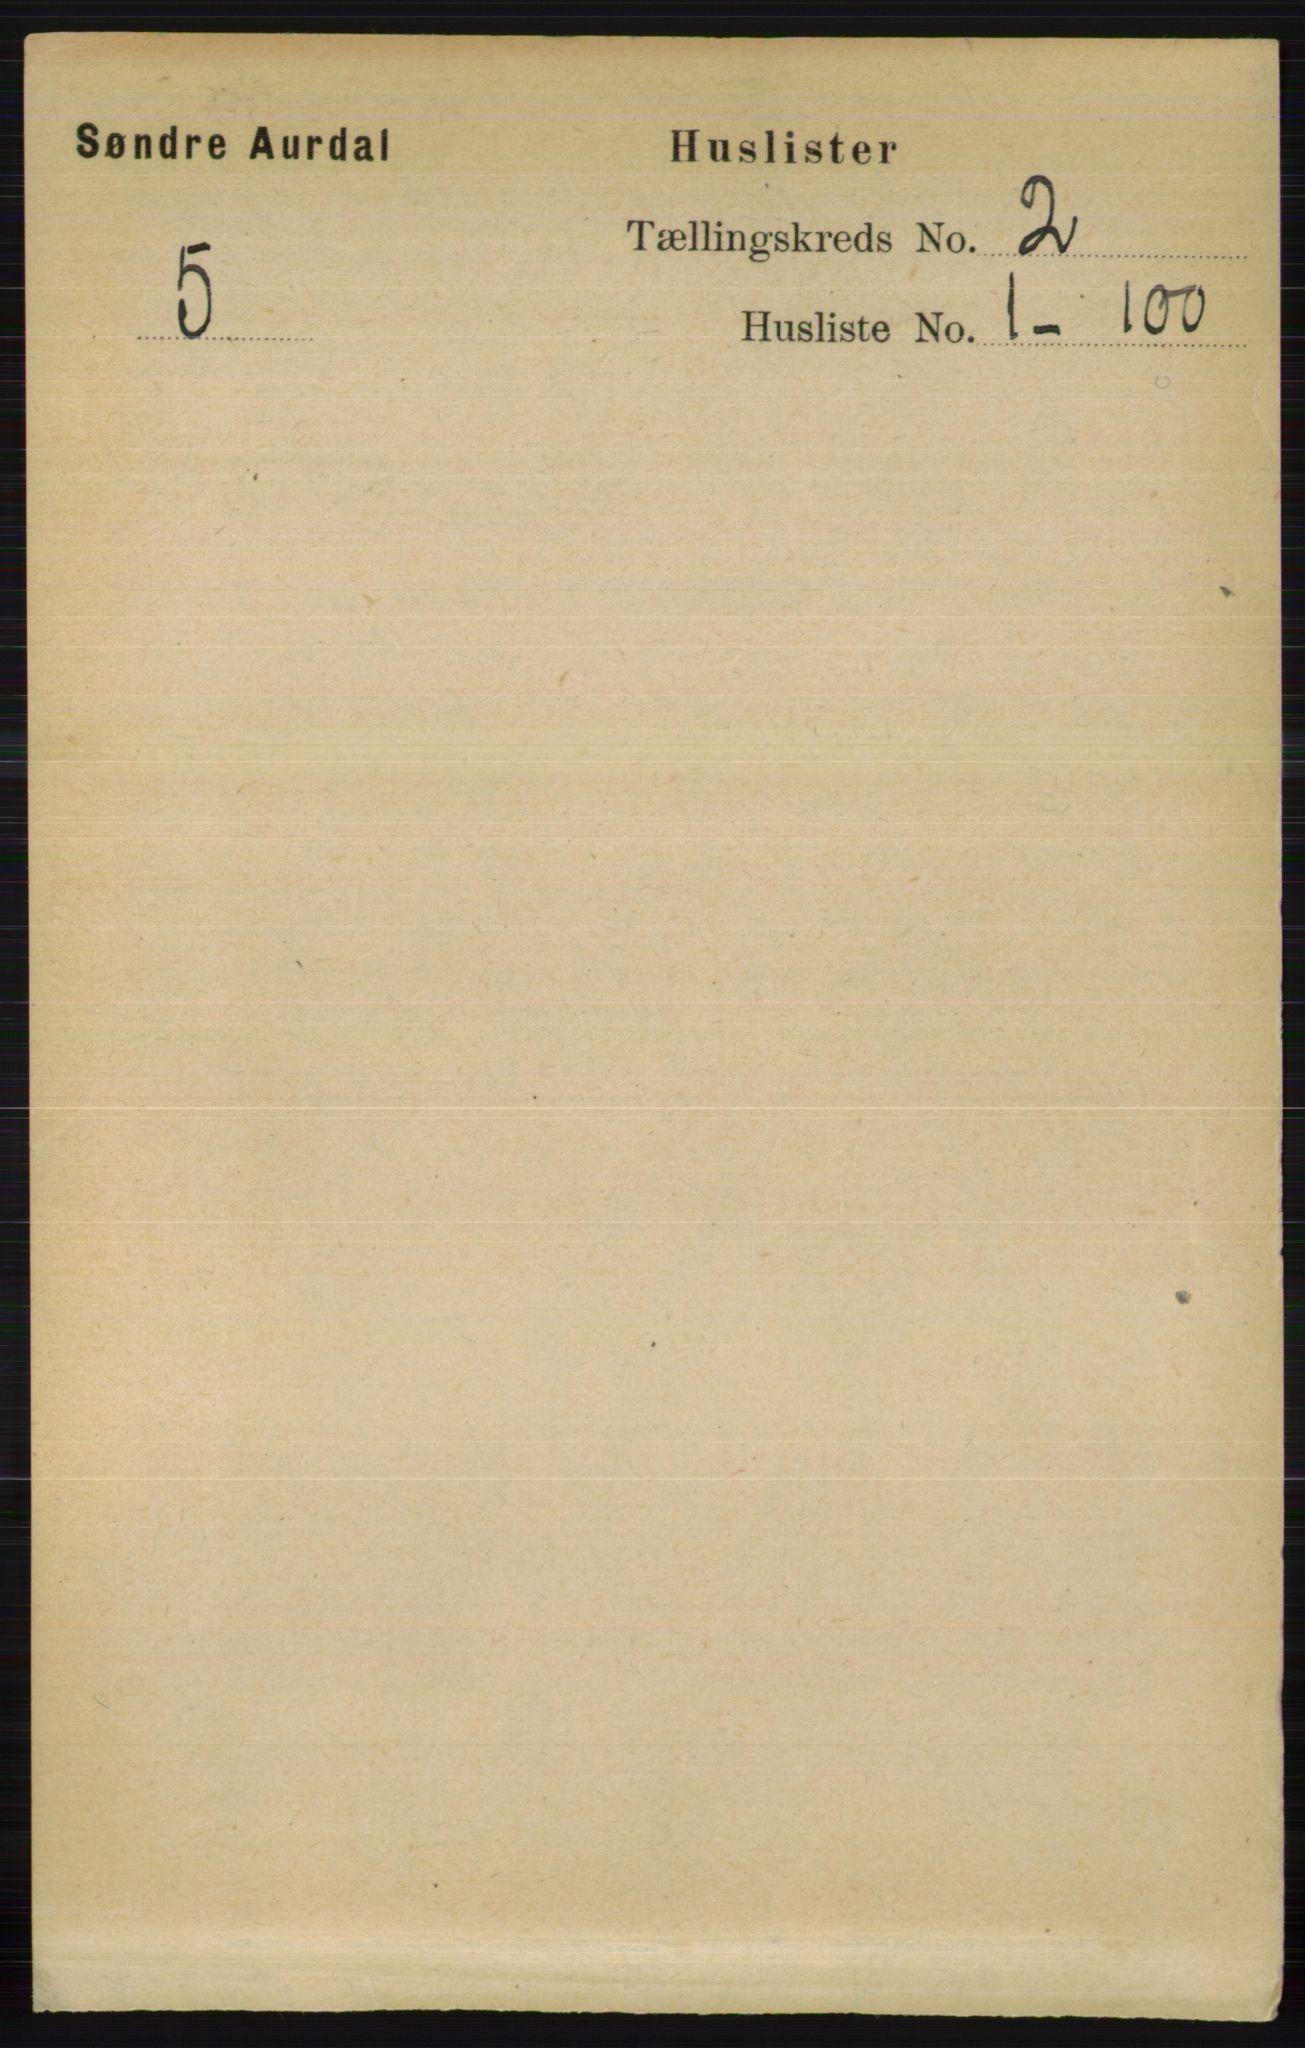 RA, Folketelling 1891 for 0540 Sør-Aurdal herred, 1891, s. 729